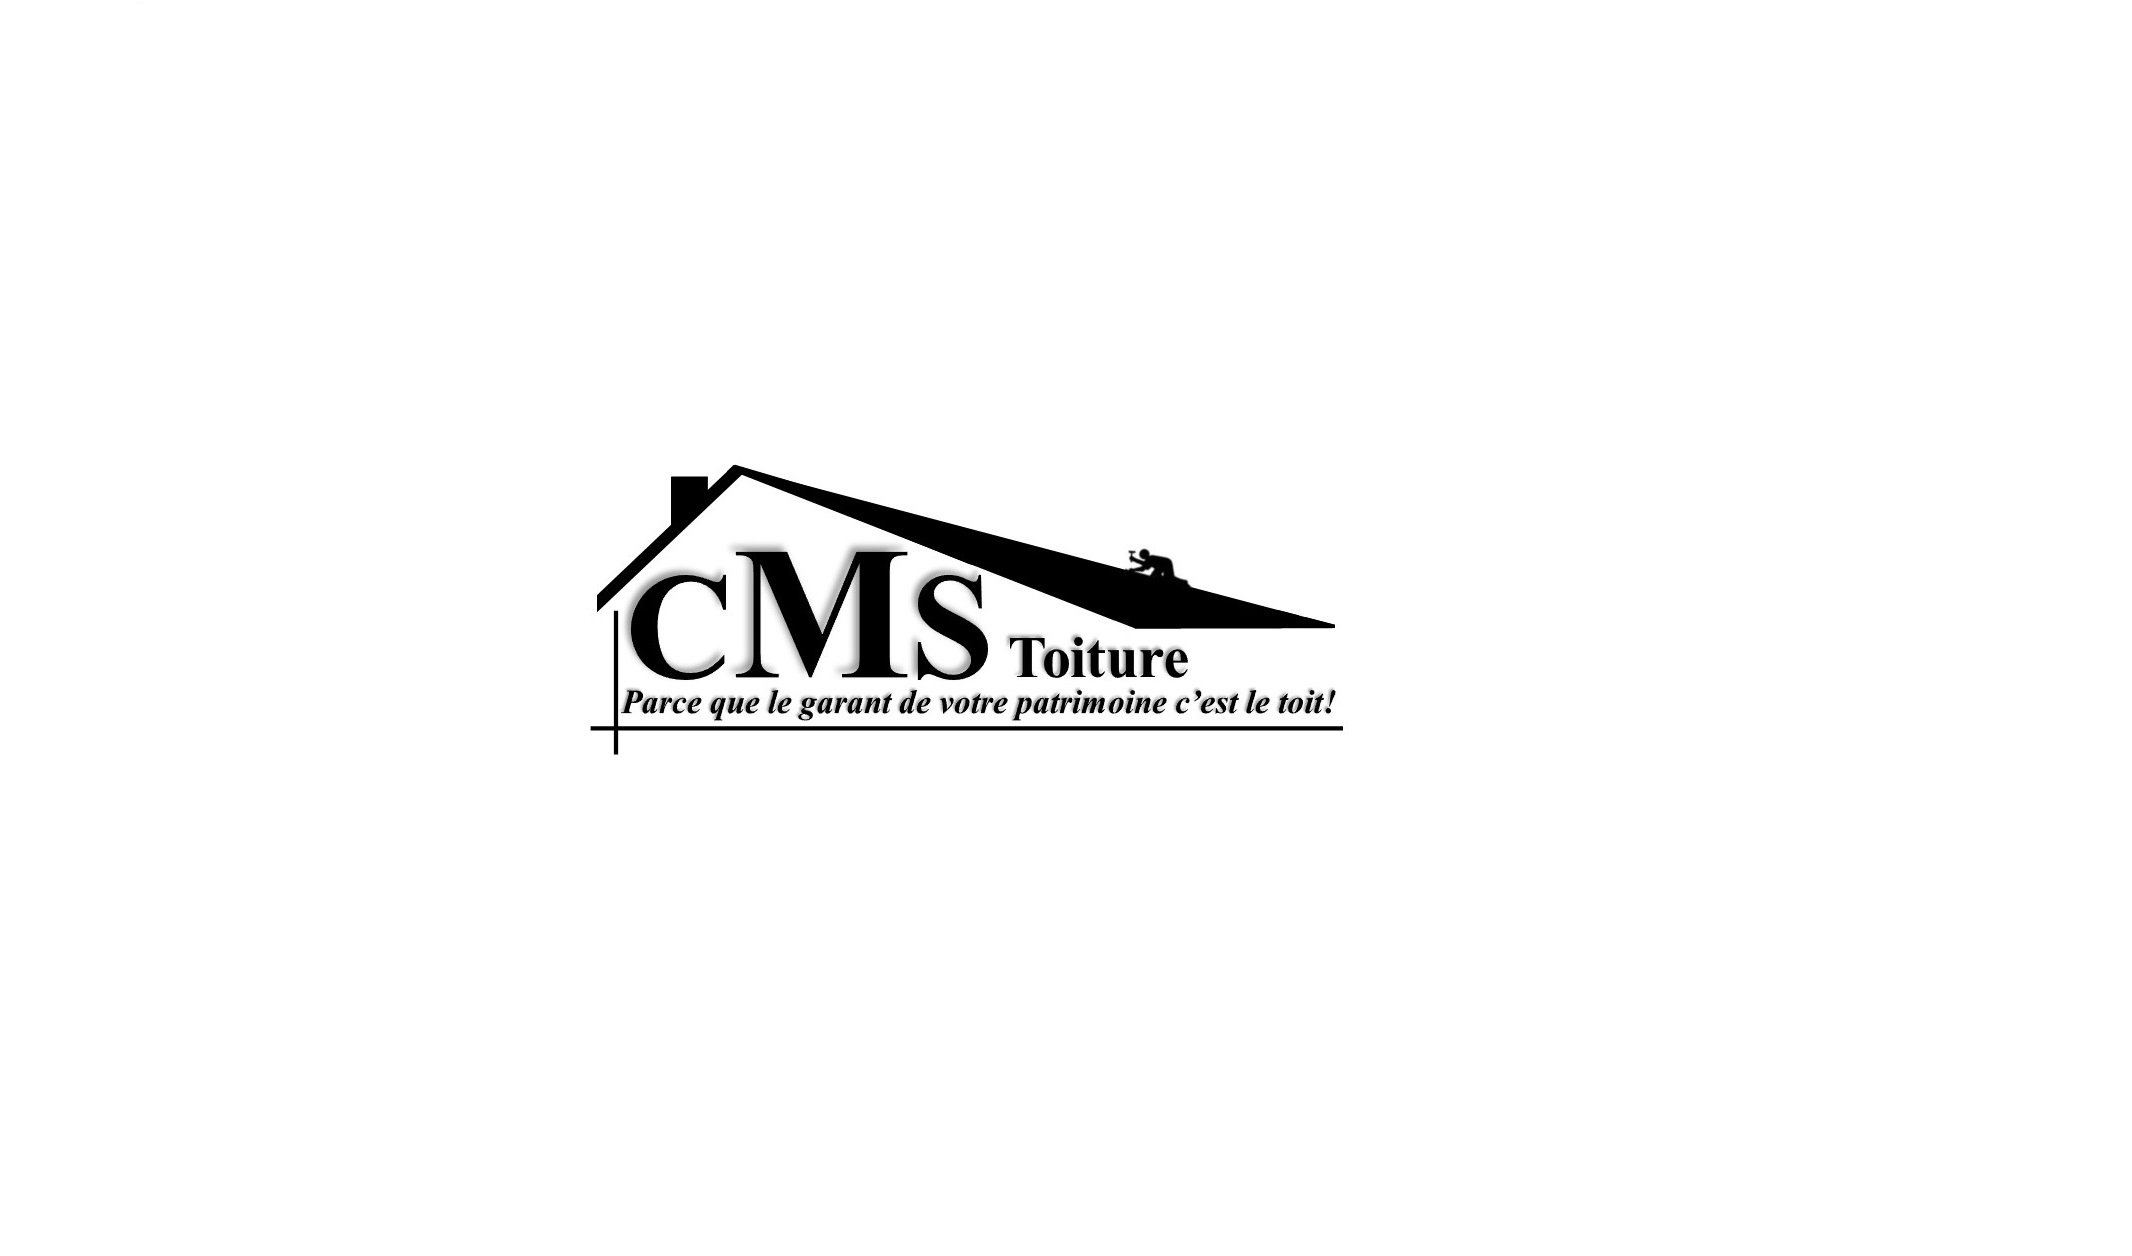 Logo de cms toiture, société de travaux en Rénovation ou changement de votre couverture de toit